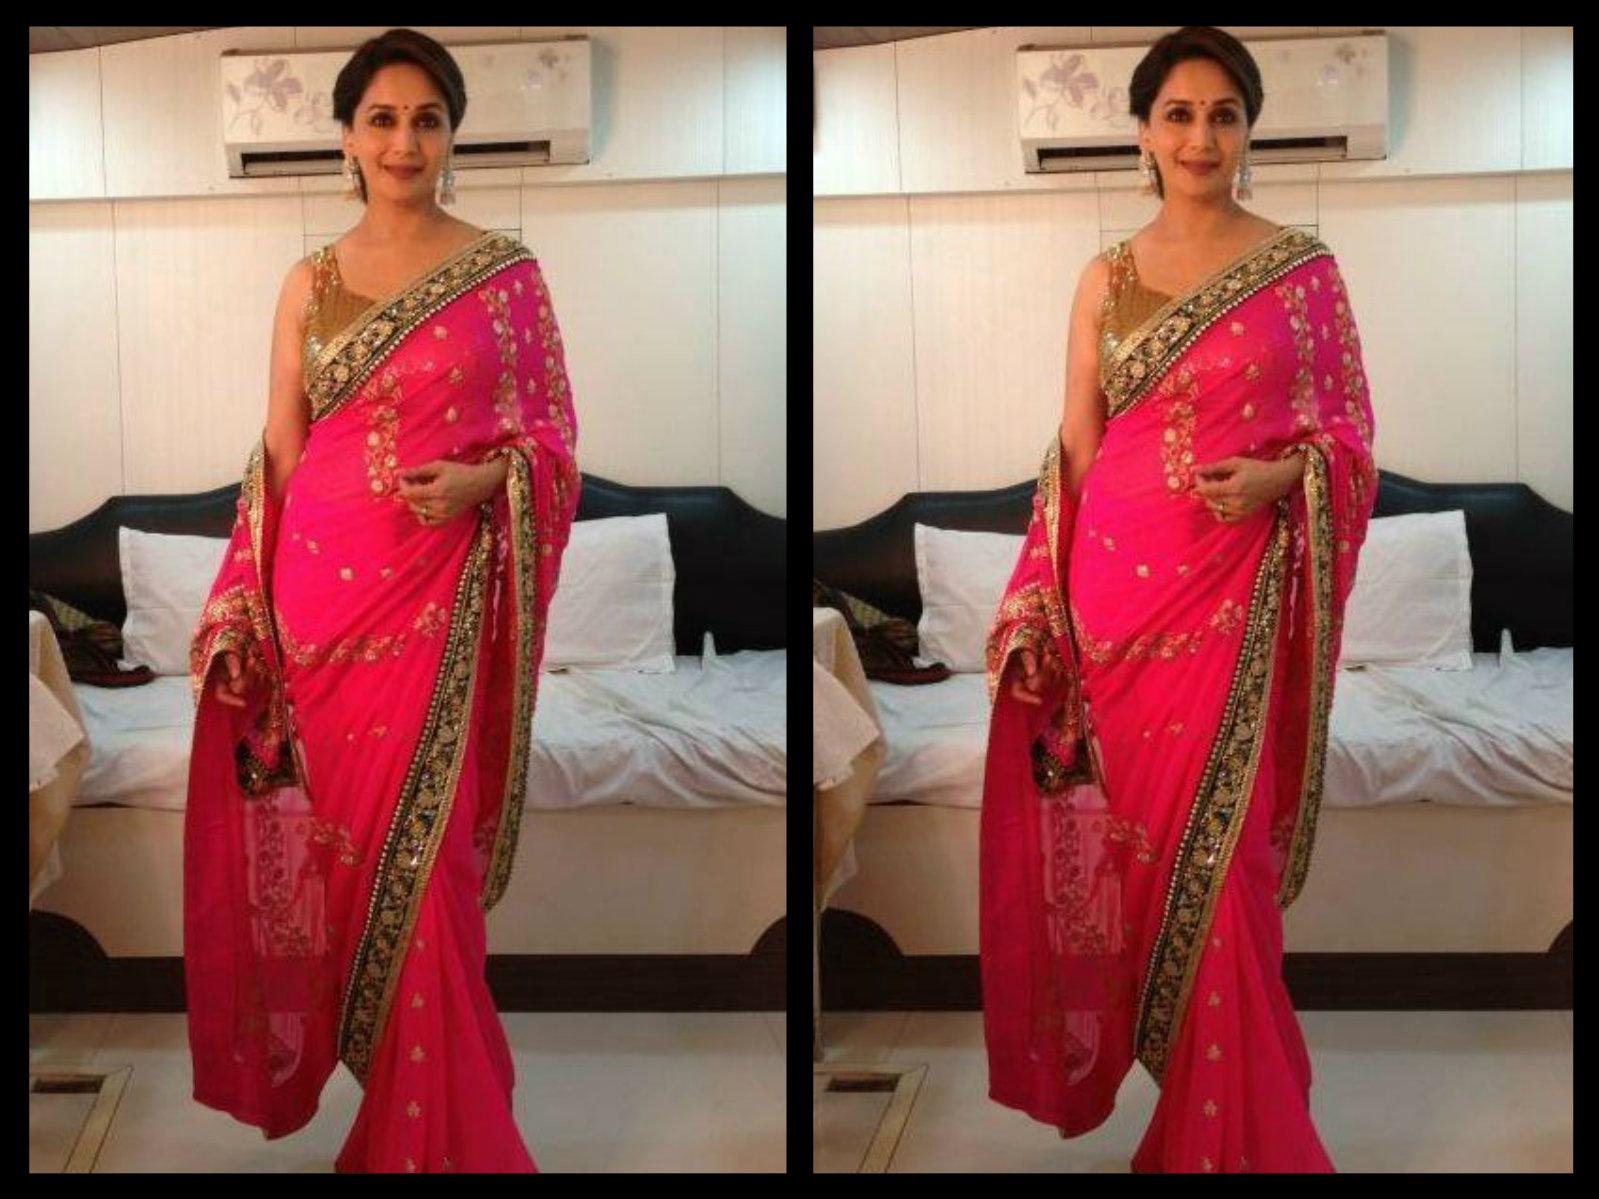 pink saris